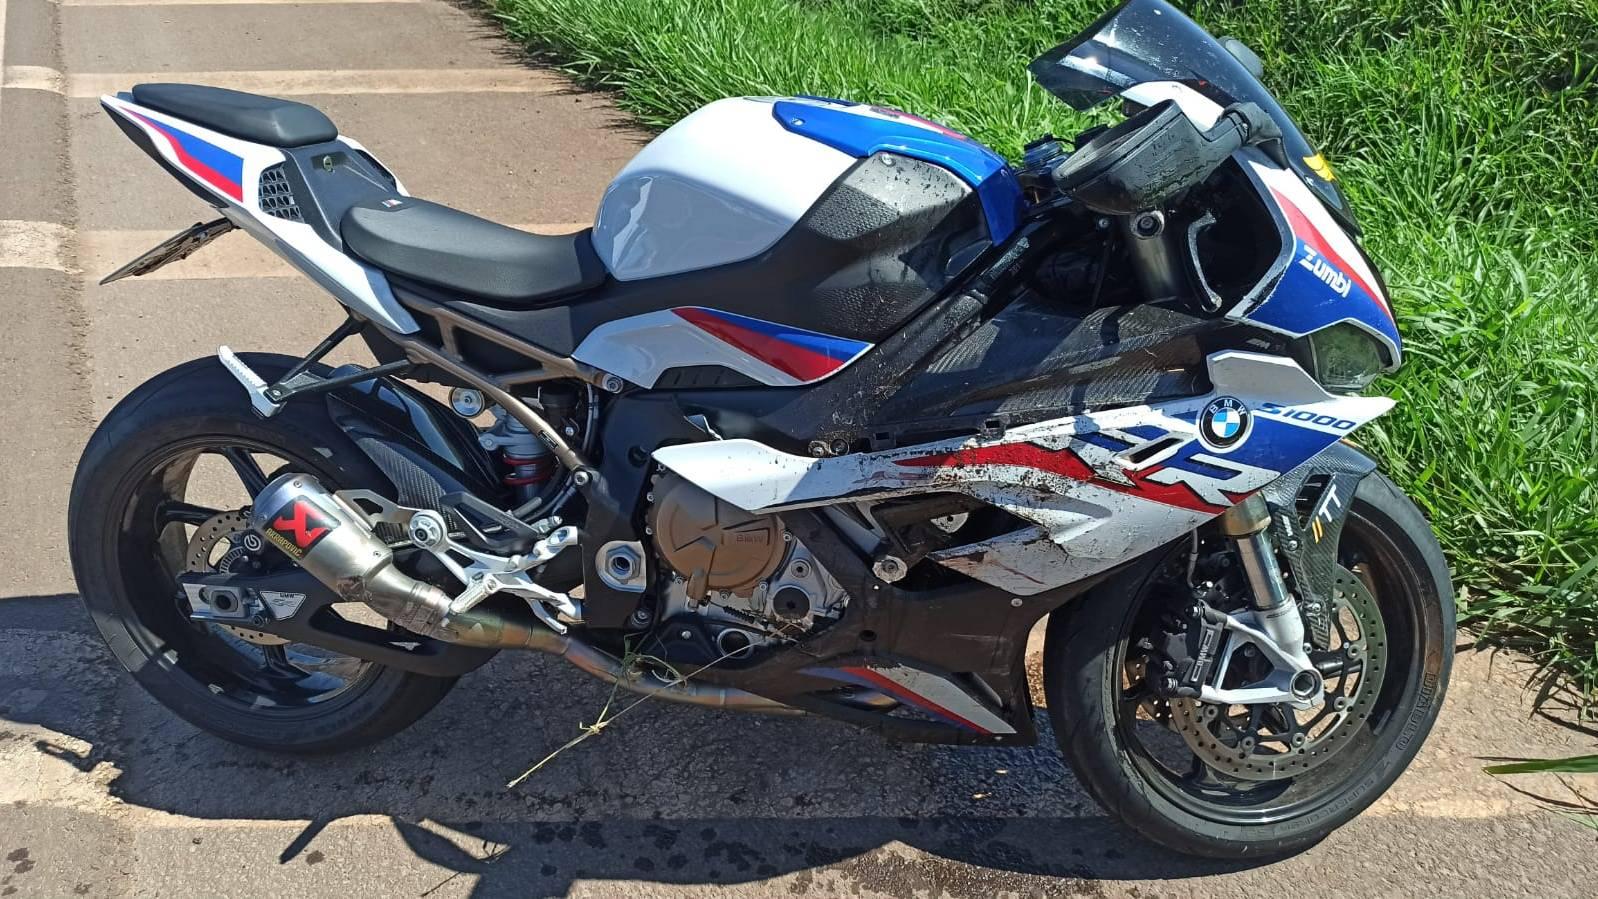 Motociclista fica em estado grave após colisão transversal na BR-467 em Sede Alvorada